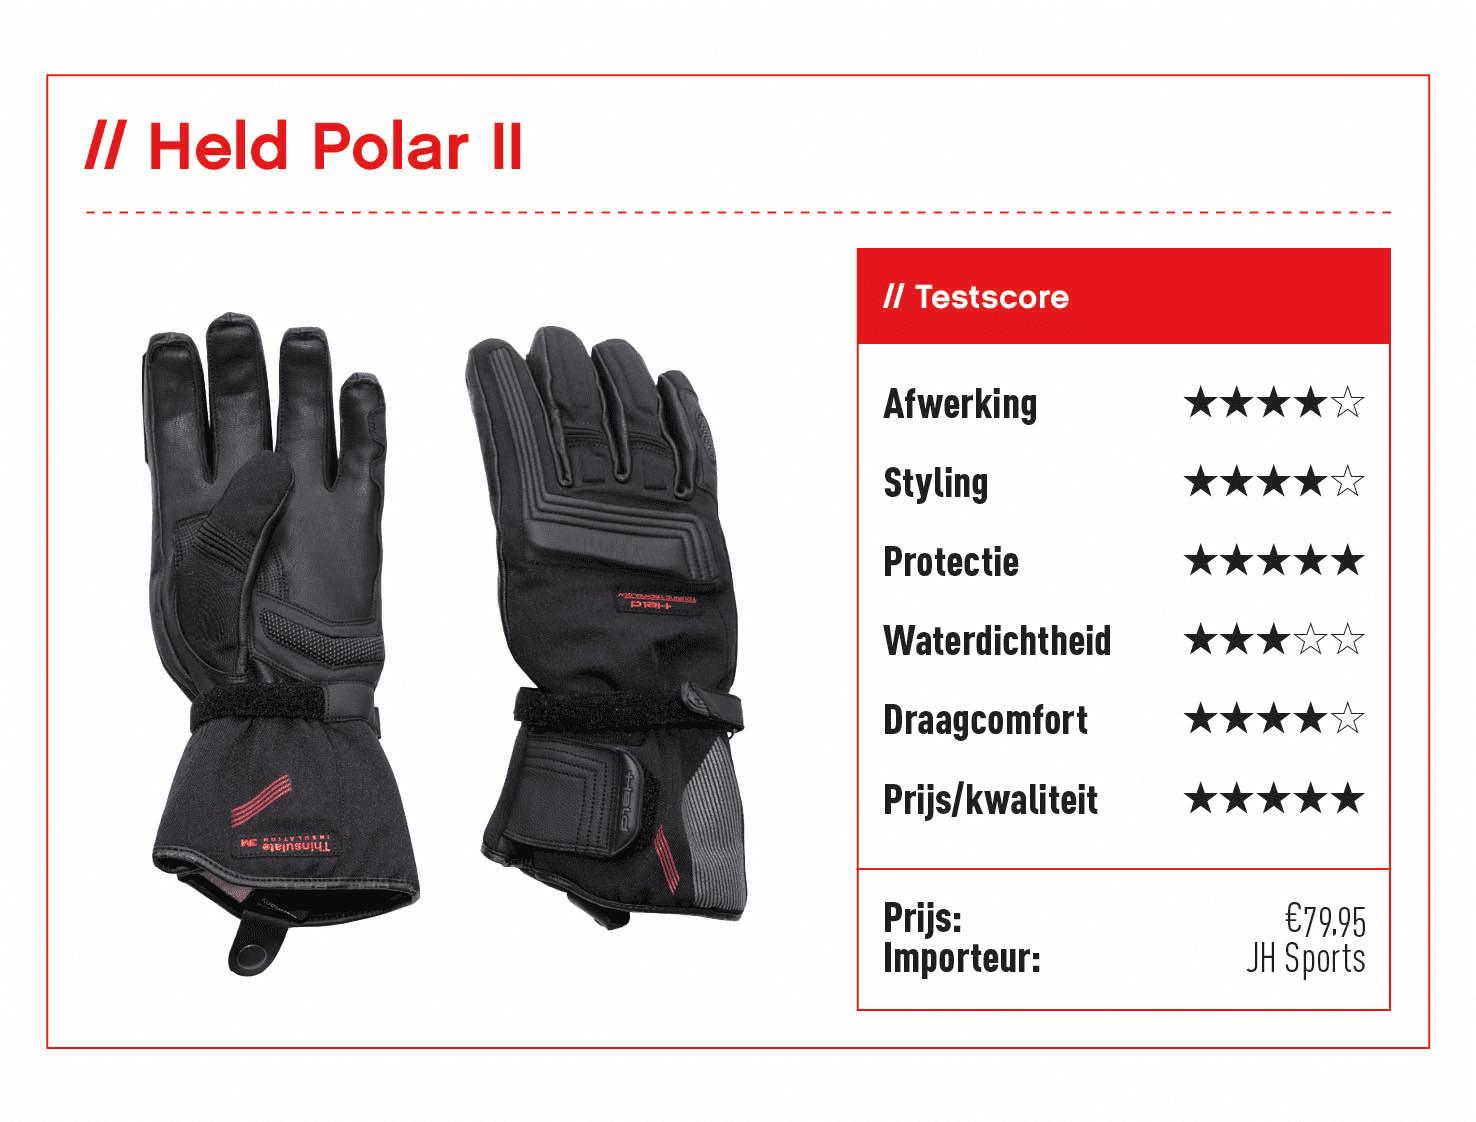 Held Polar II handschoenen met score